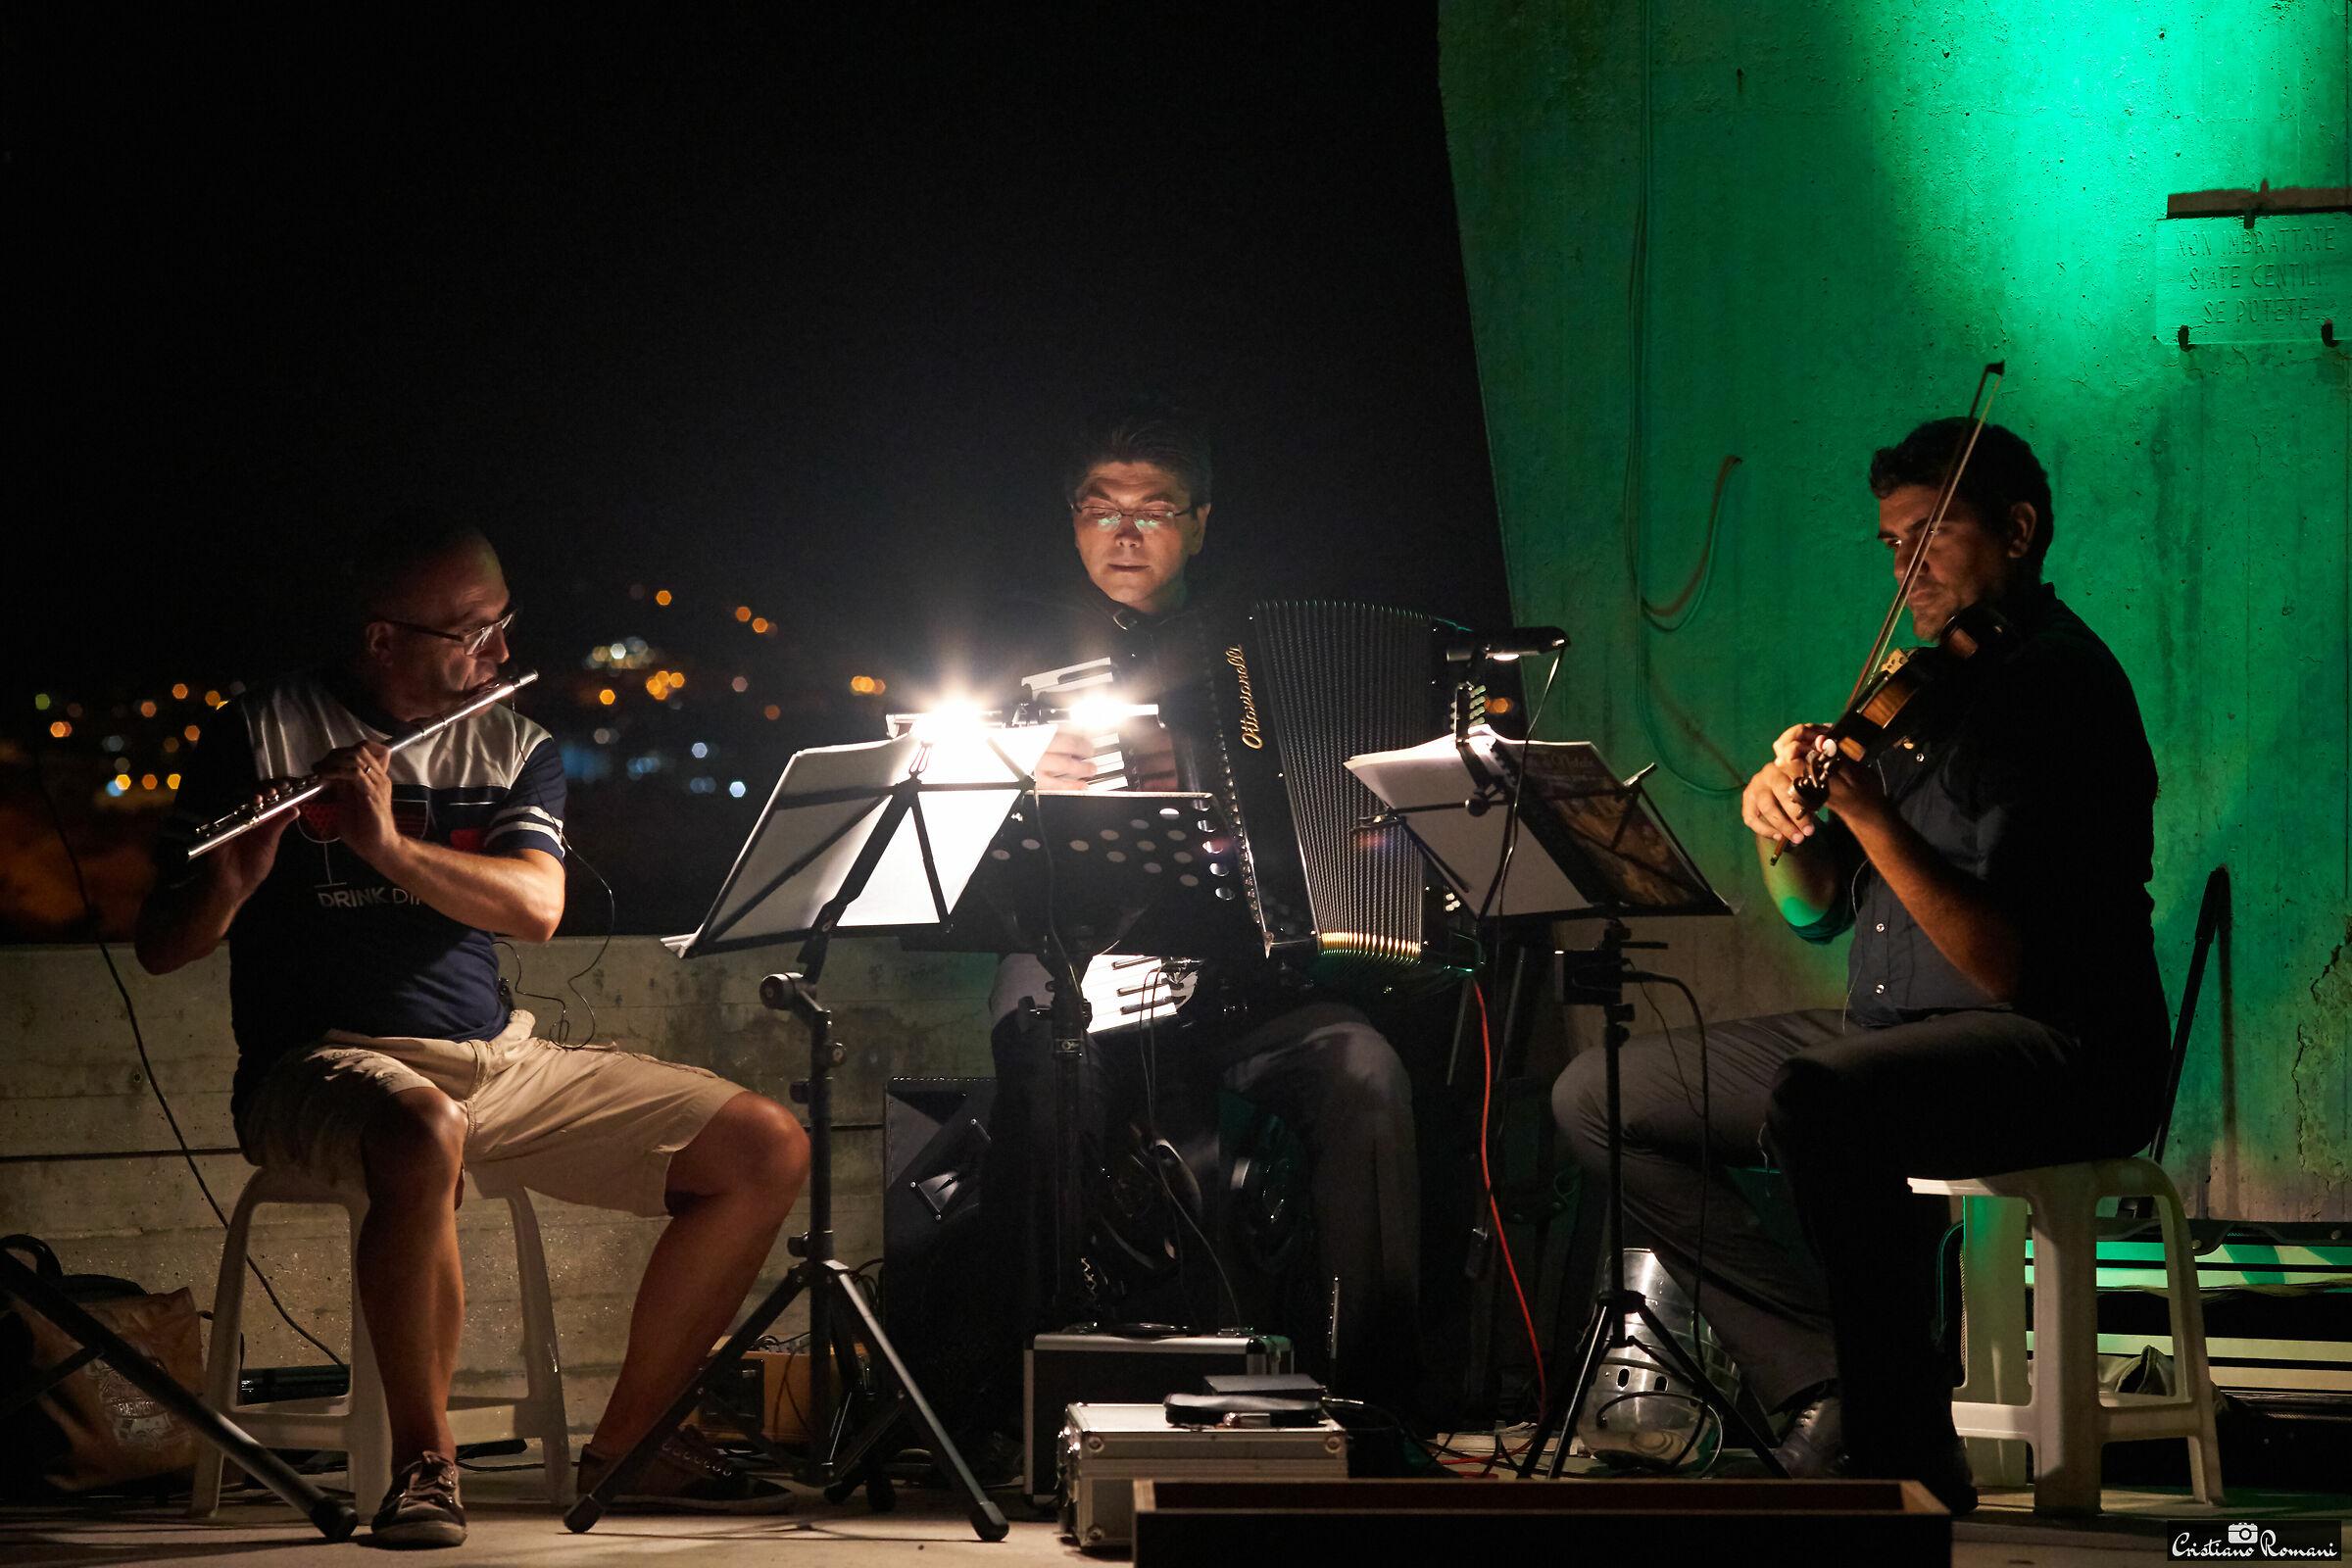 Street musicians...